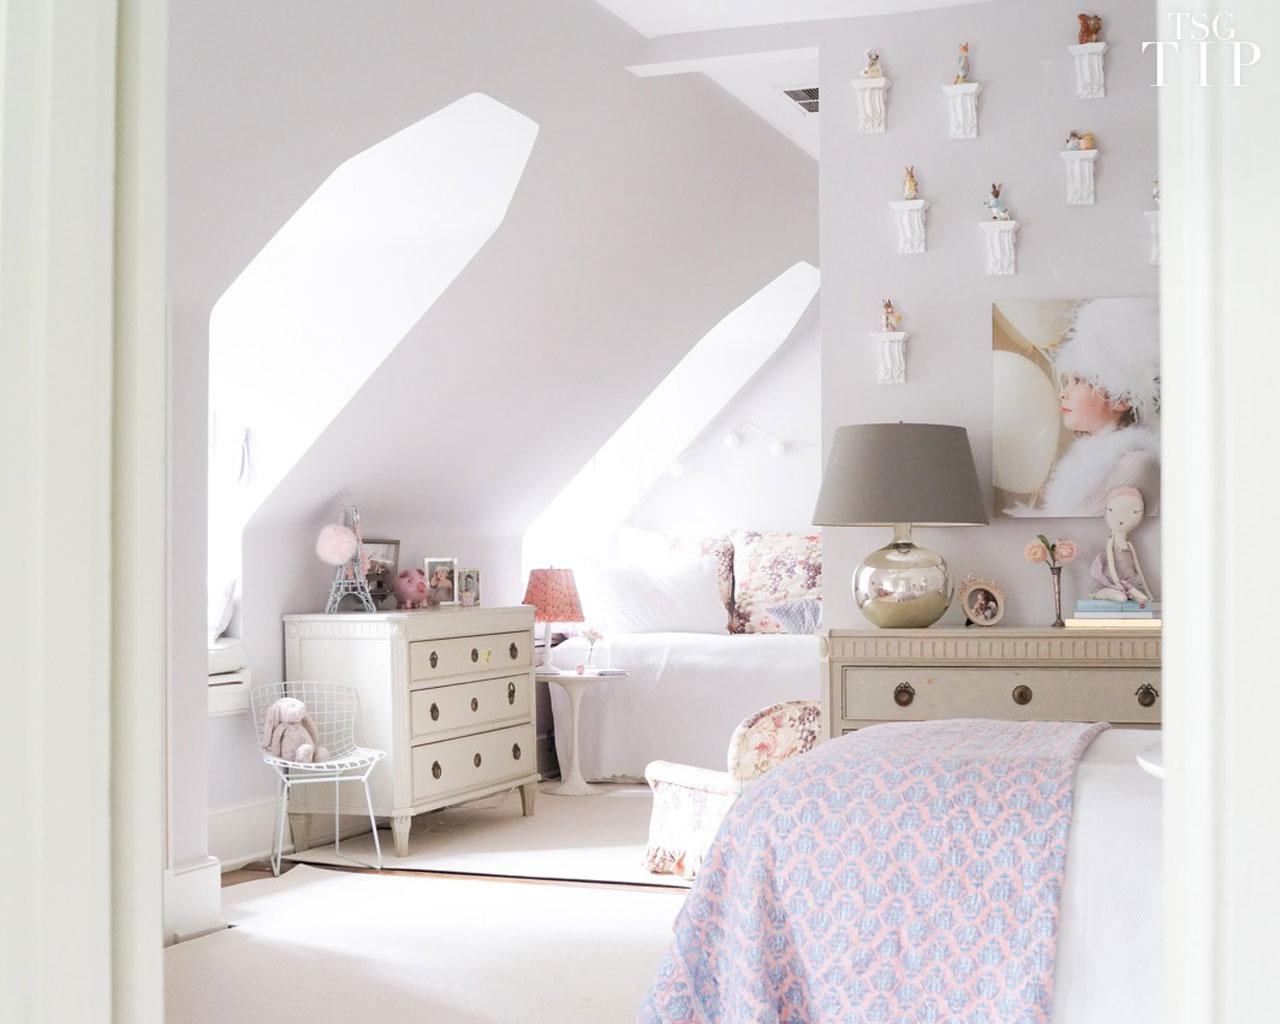 TSG Tip 169: Children's Room Transition